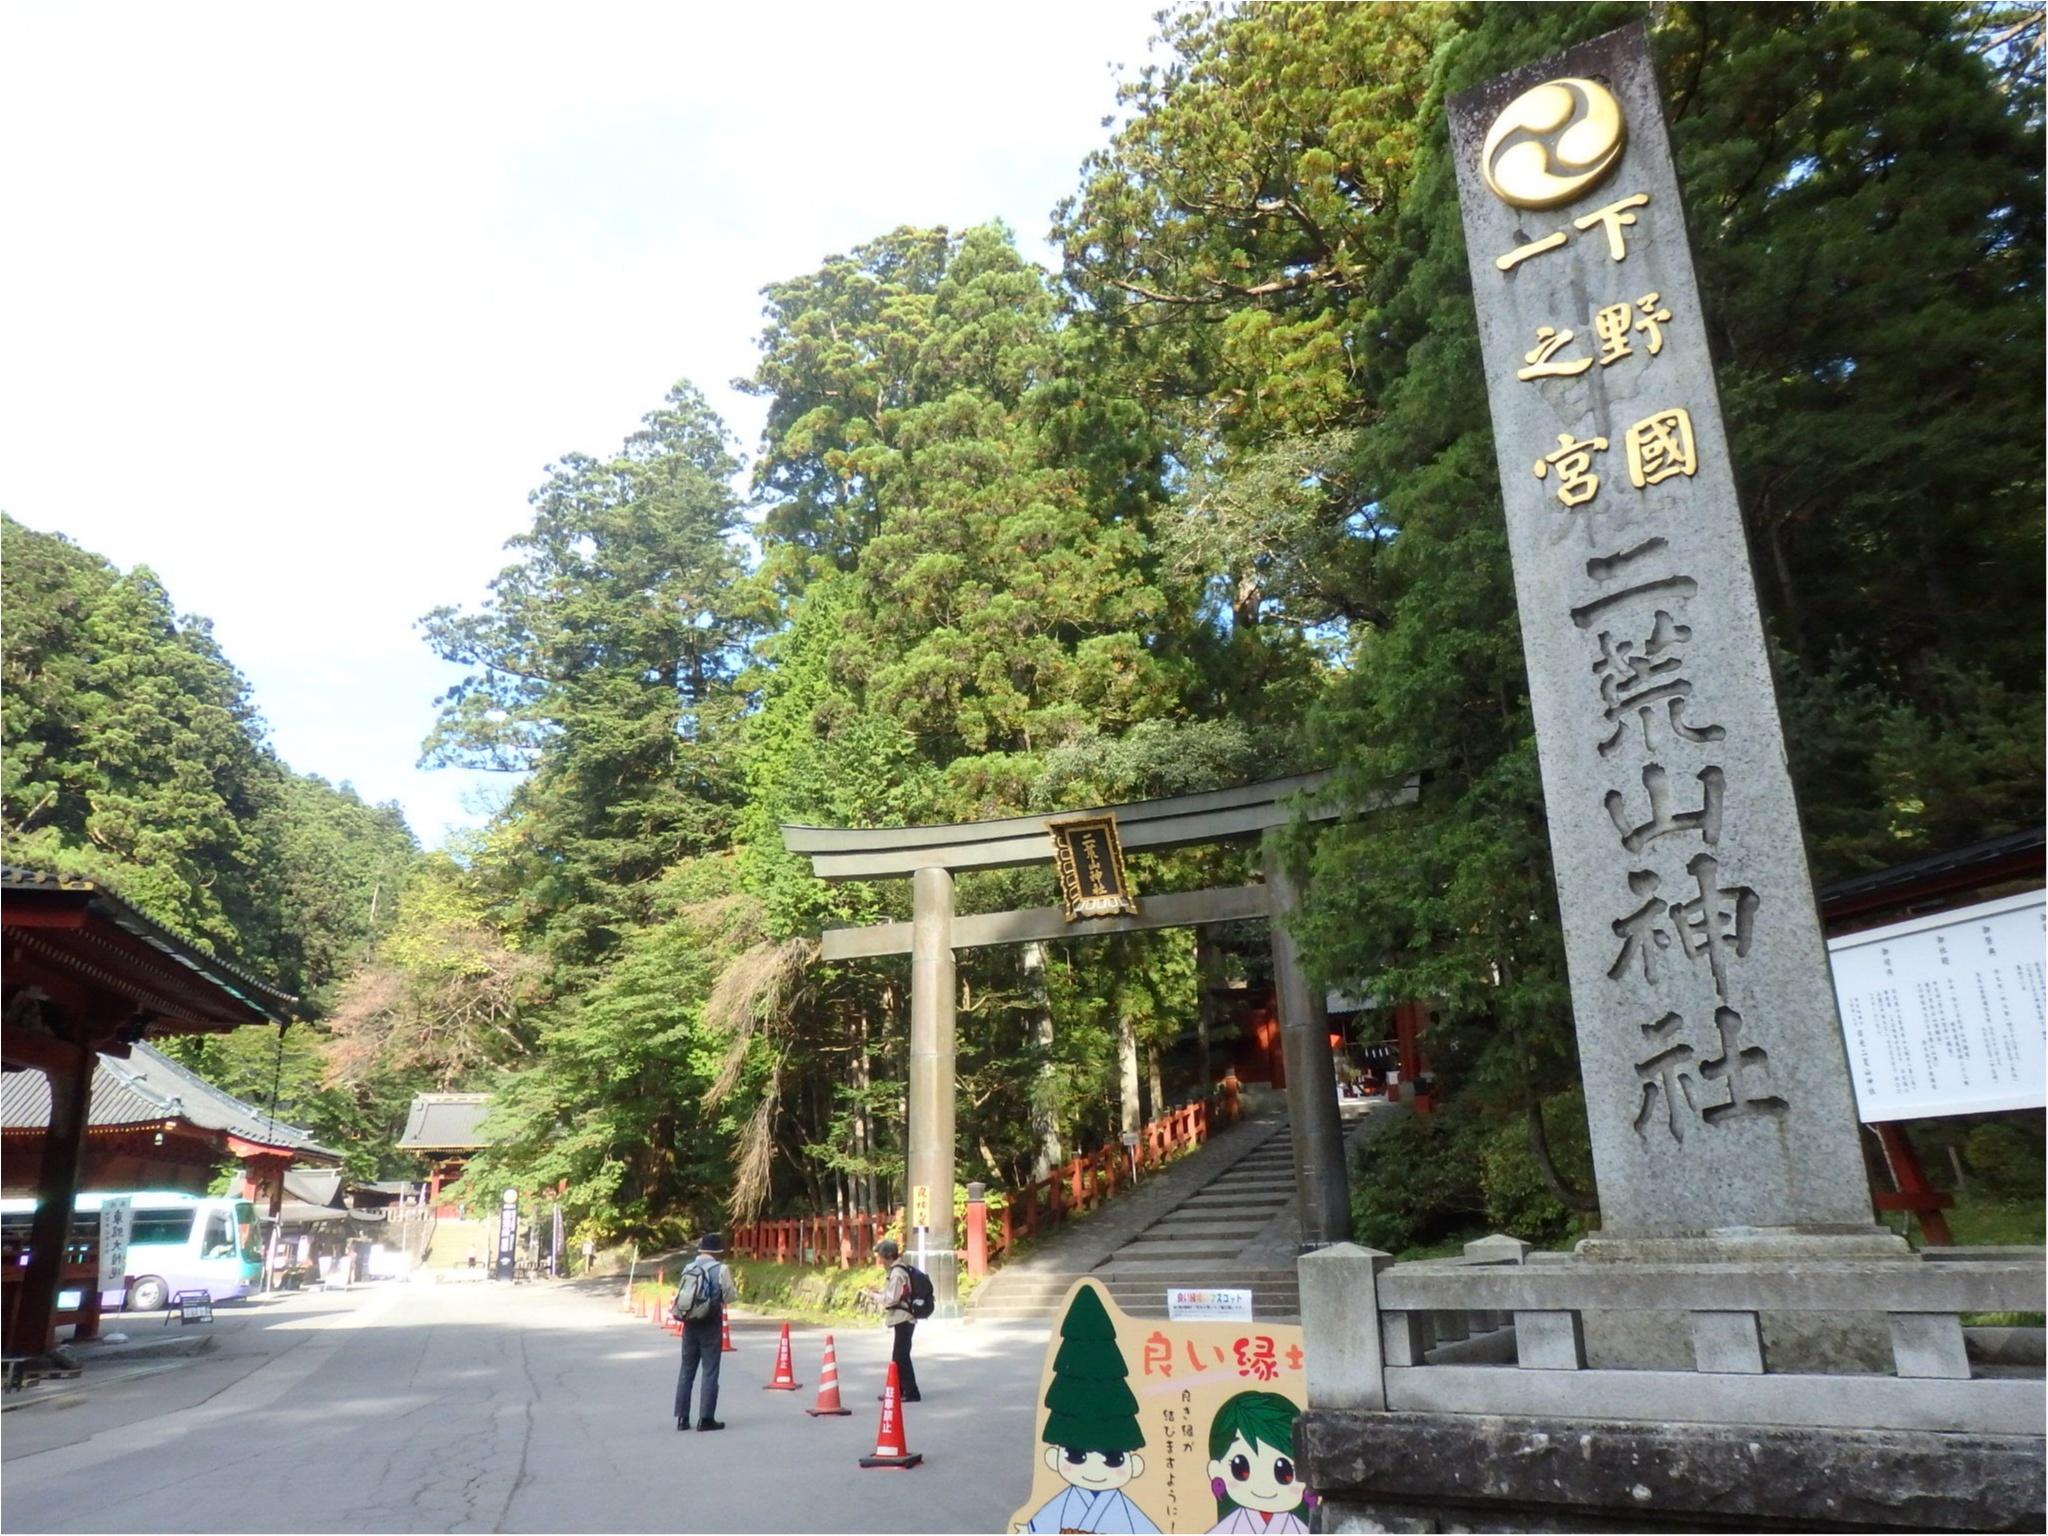 【知らなかった!】日本一楽しめる神社へ潜入してみた_3